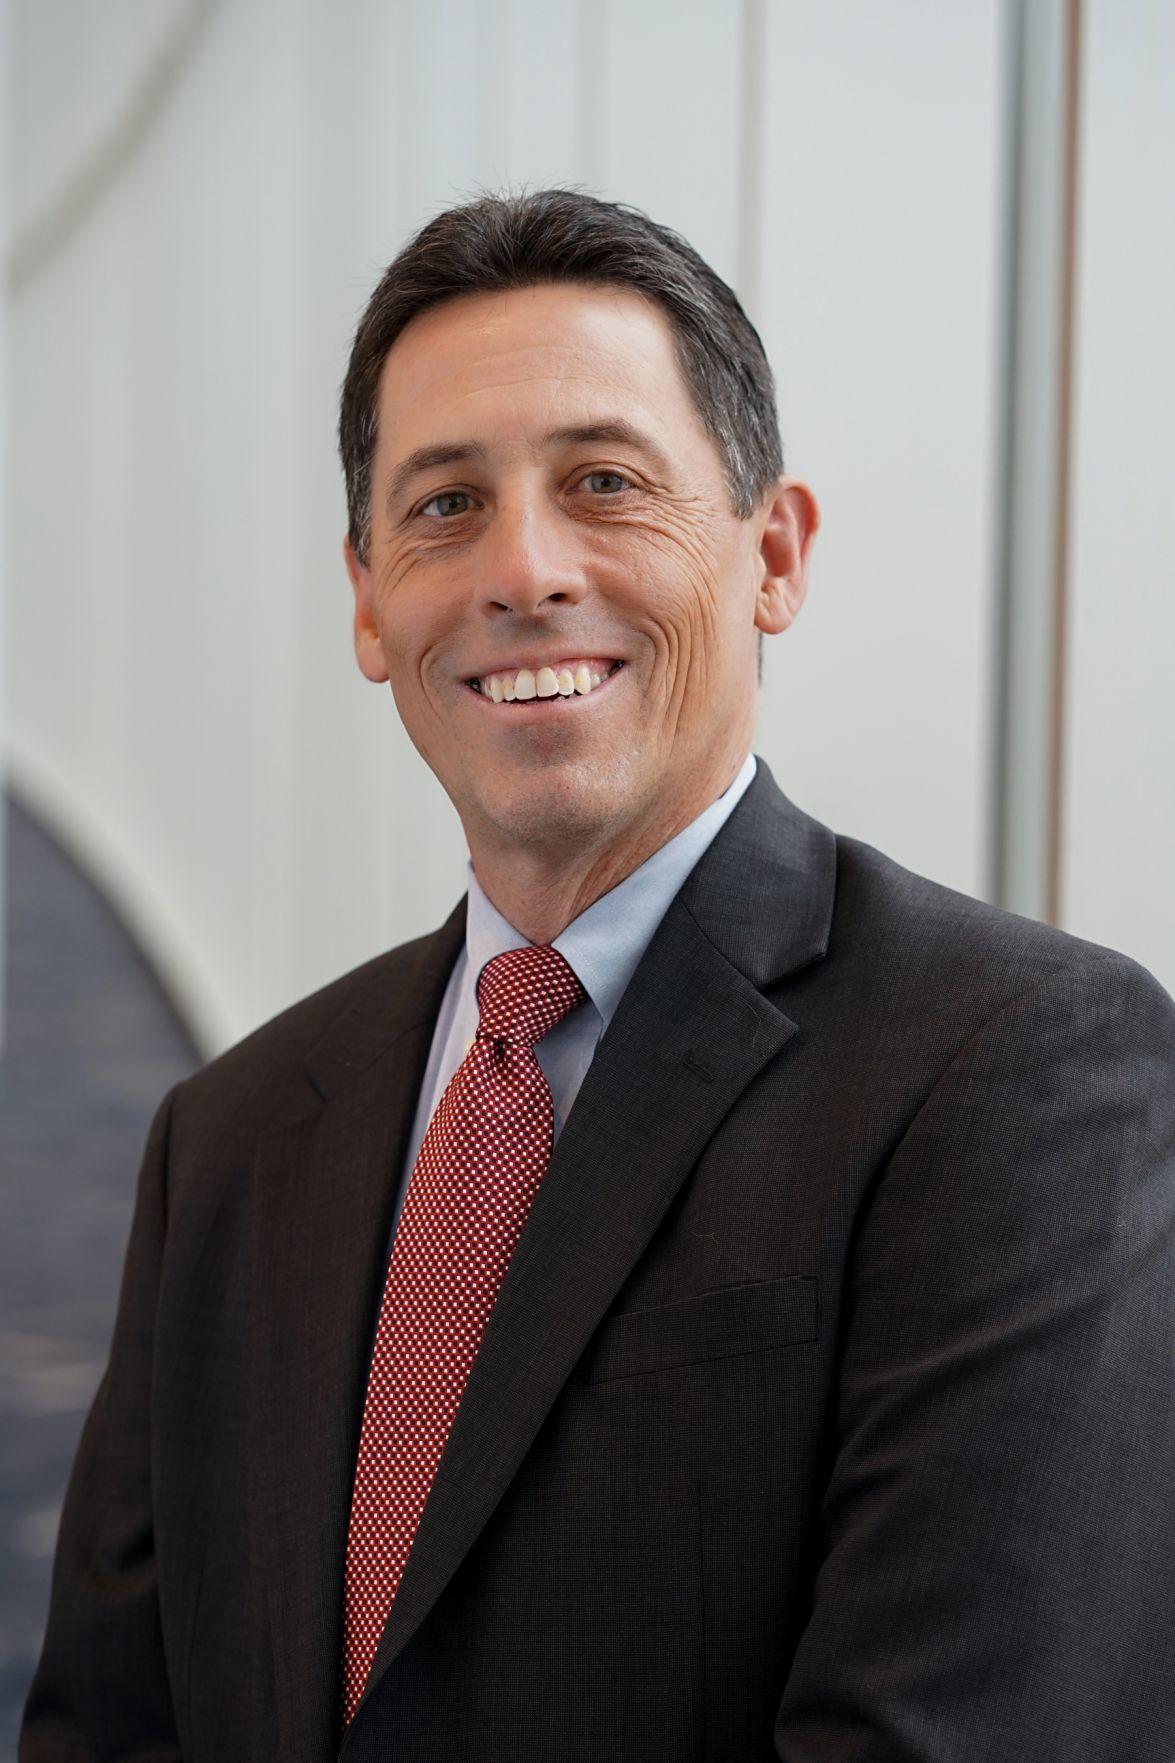 David Bumgarner, City National Bank